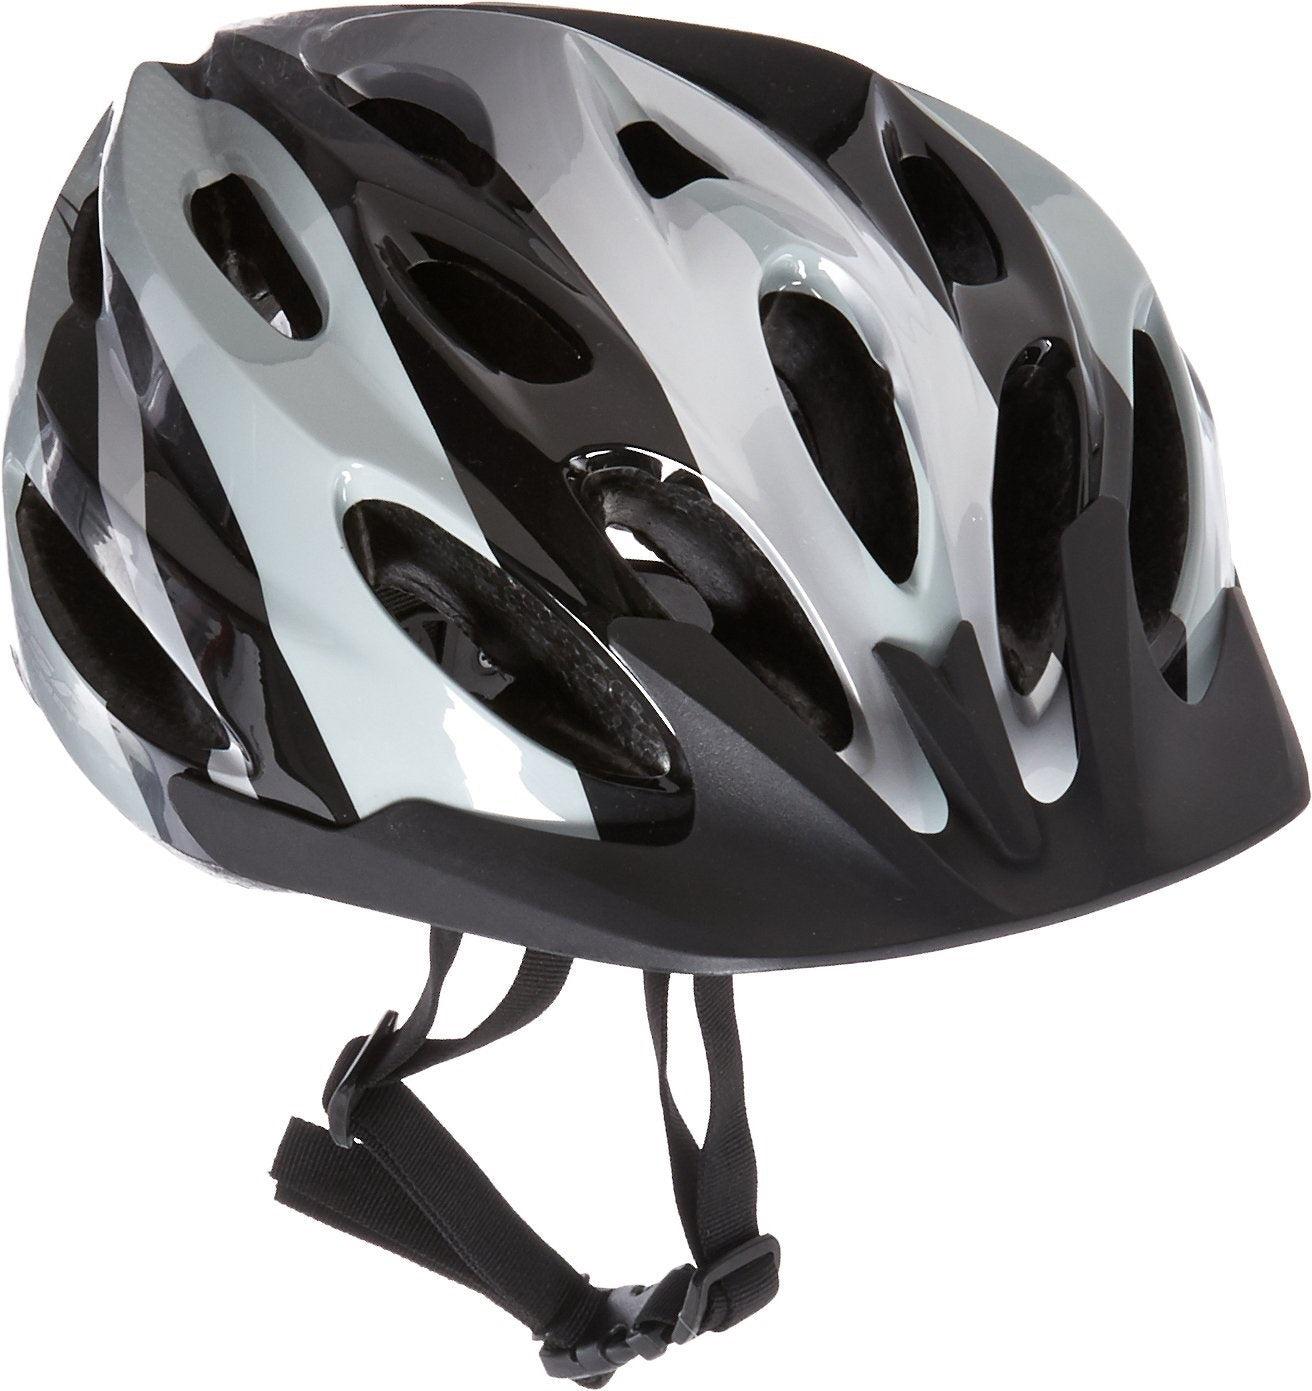 Kent 97530 Usa Adult Elite Helmet For Men, Black/silver